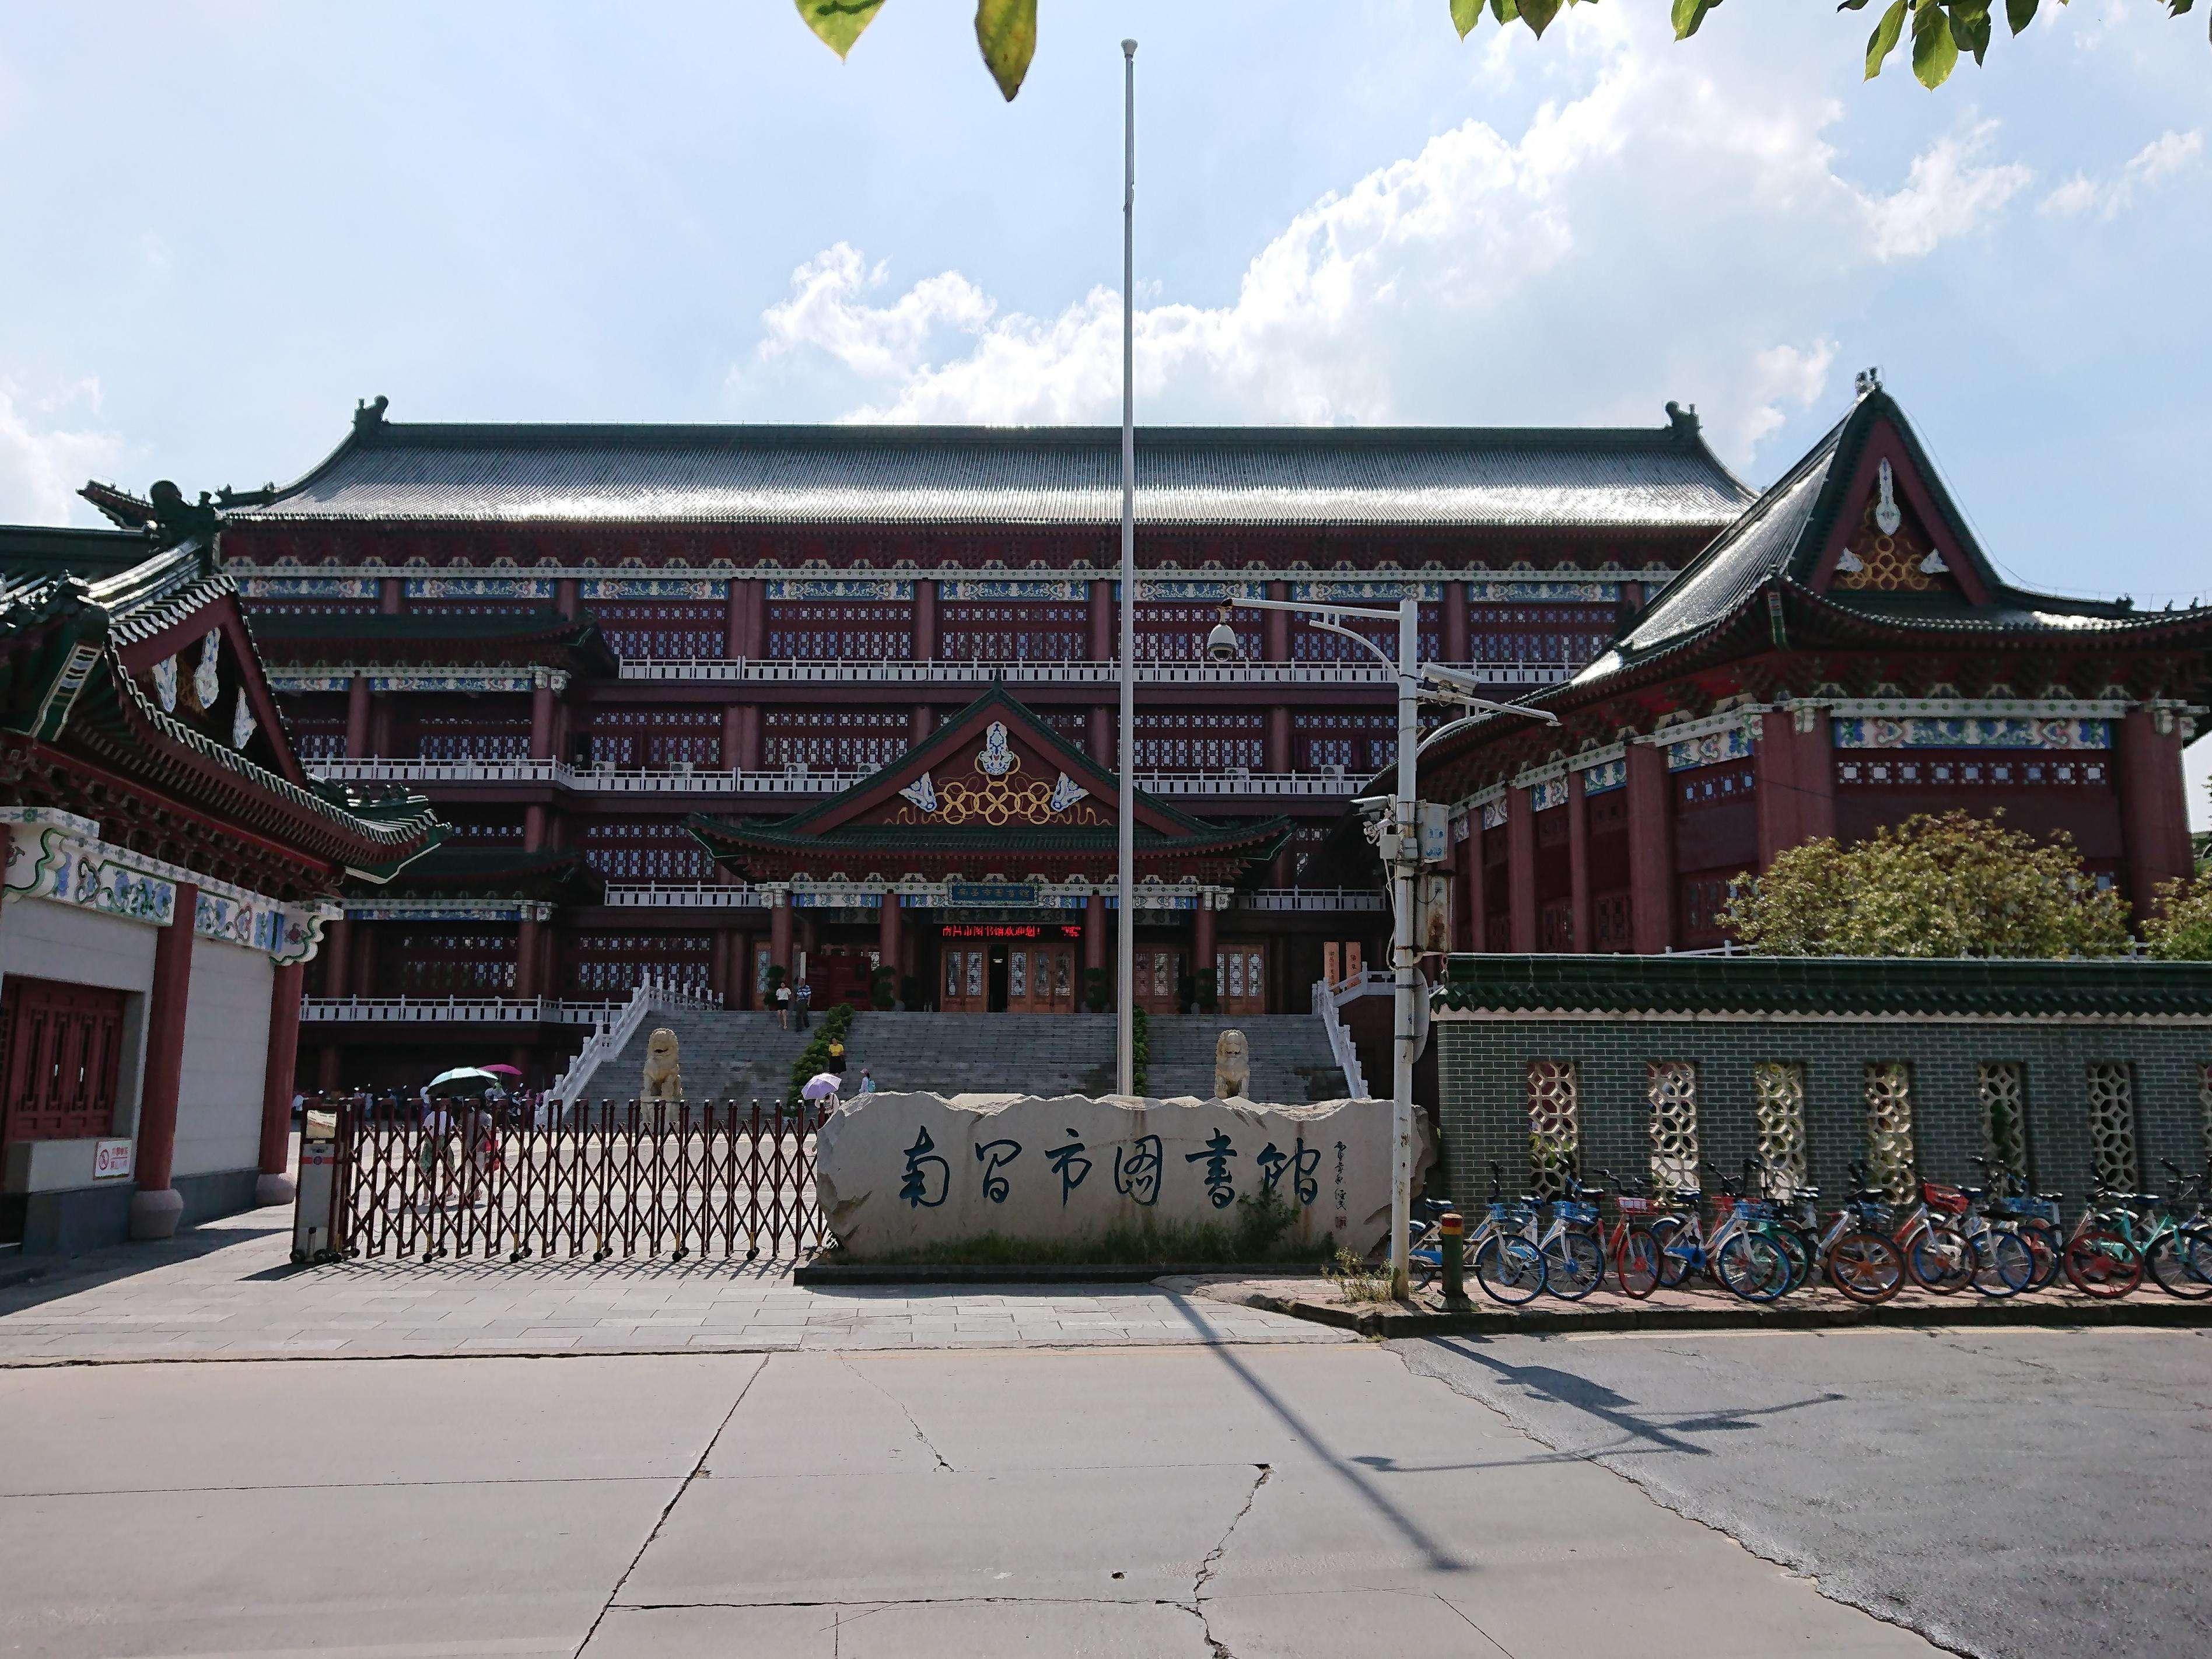 南昌市图书馆位于江西省南昌市新洲路12号,与江西省科技馆,江西省图片